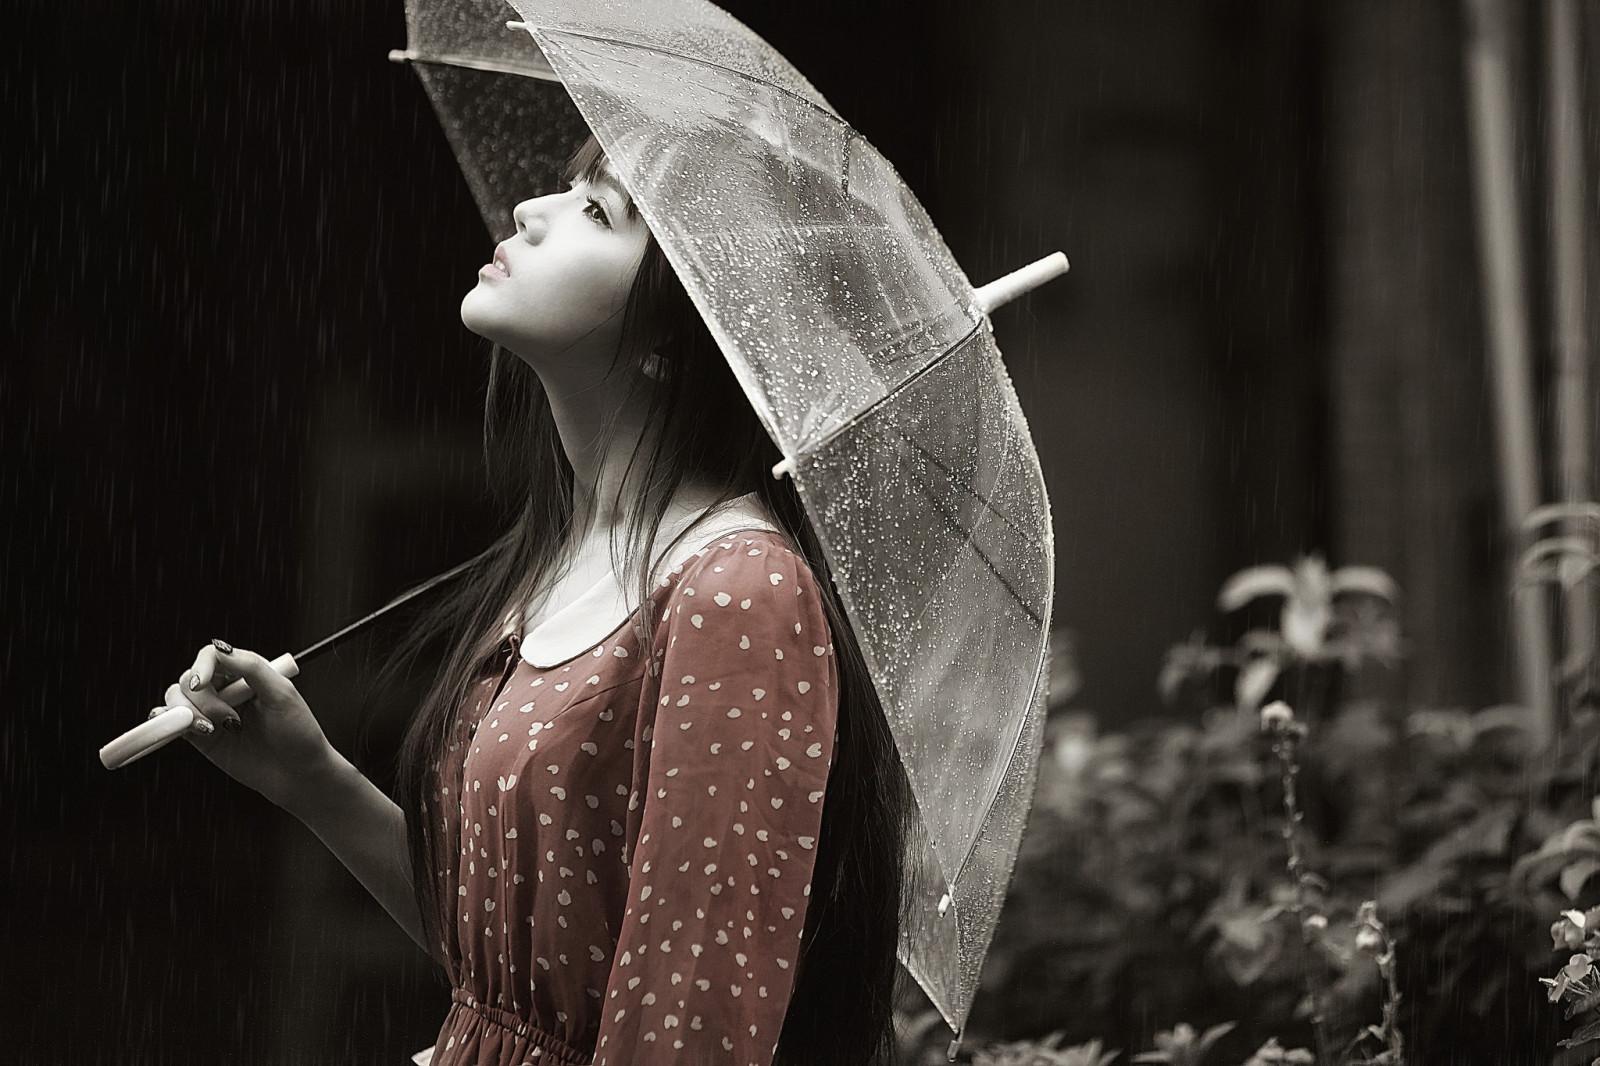 Девушка под зонтом картинки, для мужчин картинки